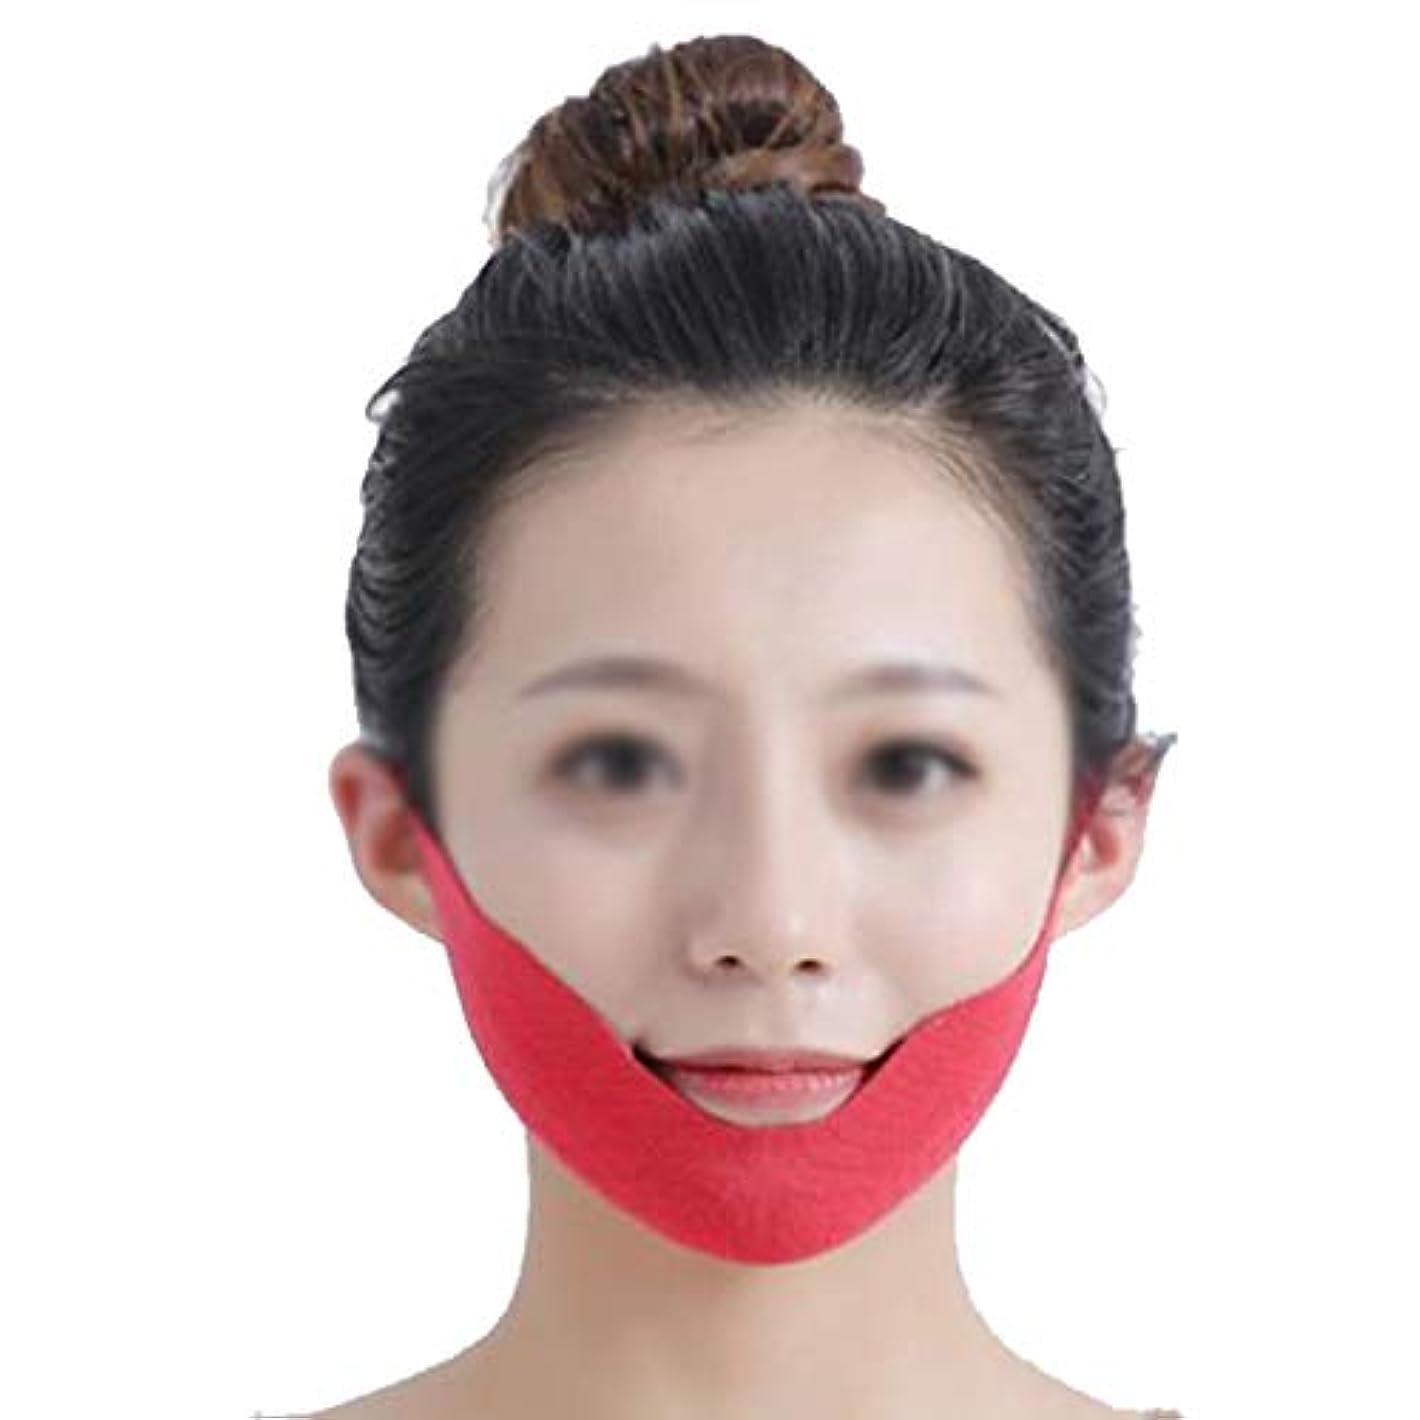 シュガー悪化する航空ZWBD フェイスマスク, 薄いフェイスマスク小さなVフェイスマスクリフティングイヤーストラップ包帯アーティファクトペーストハイドロゲル